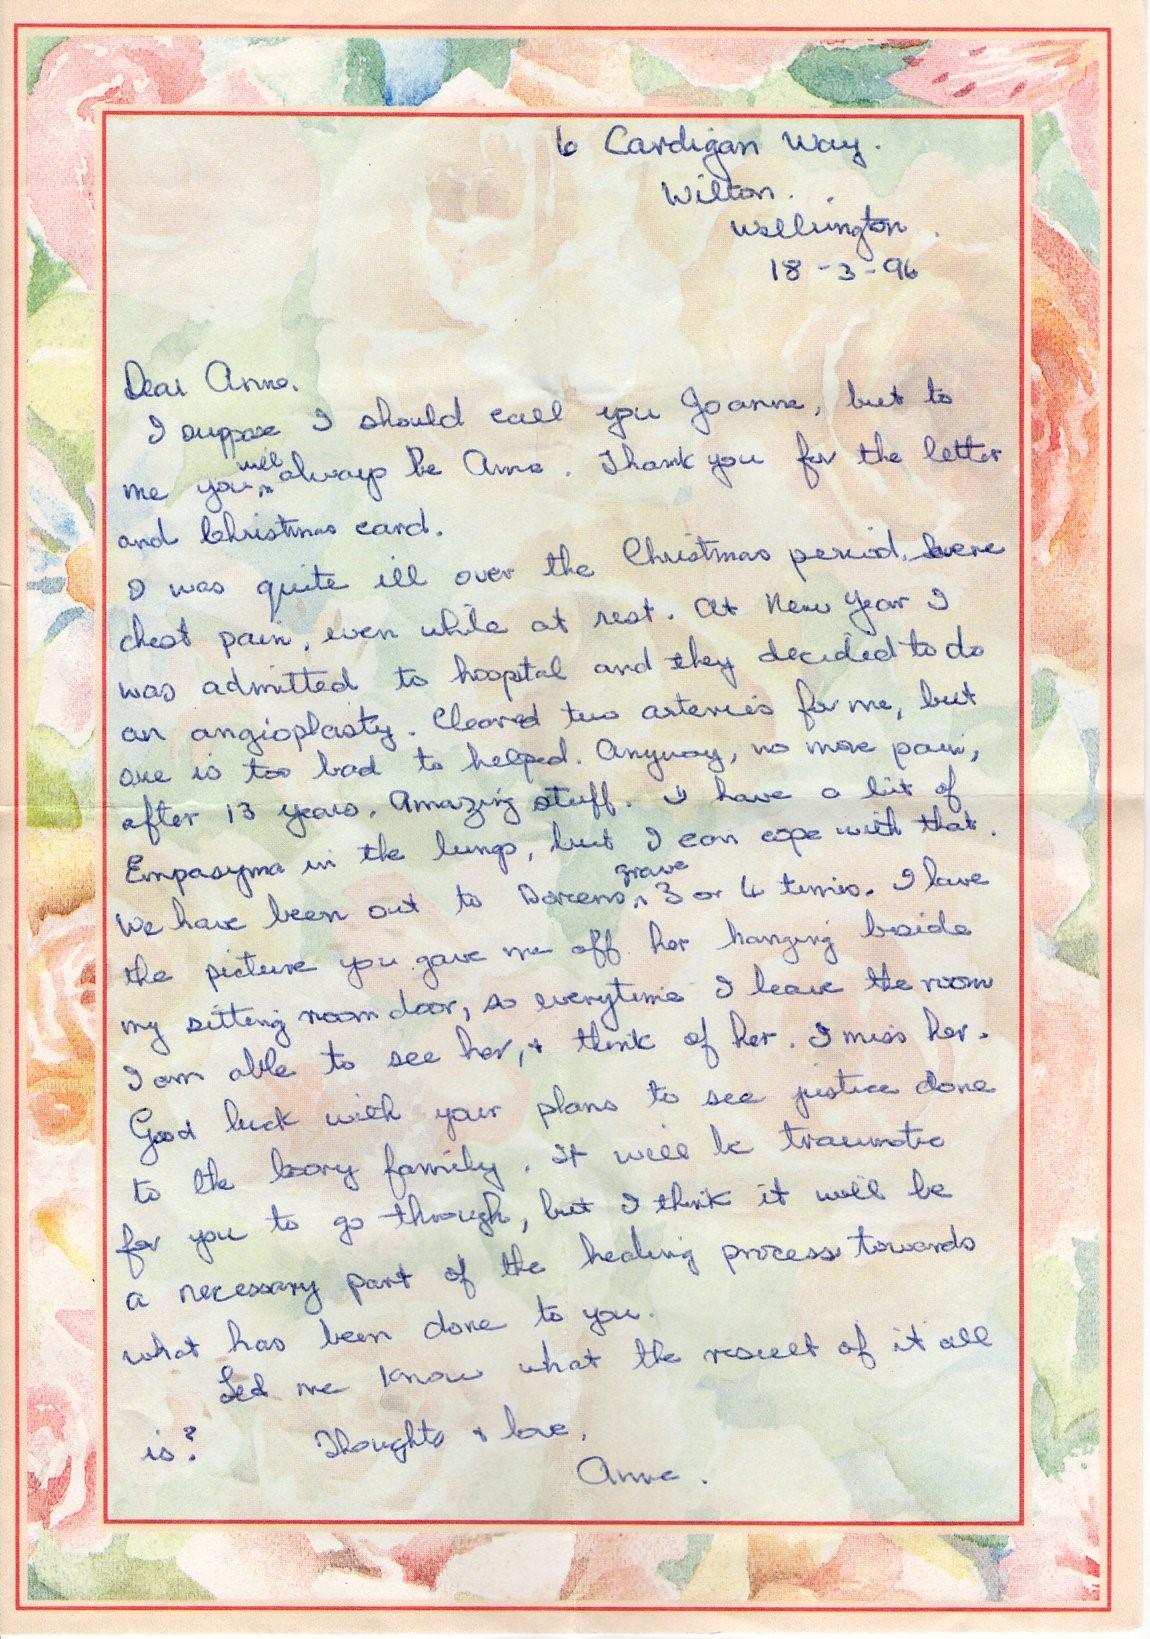 Letter from Anne Albert 3